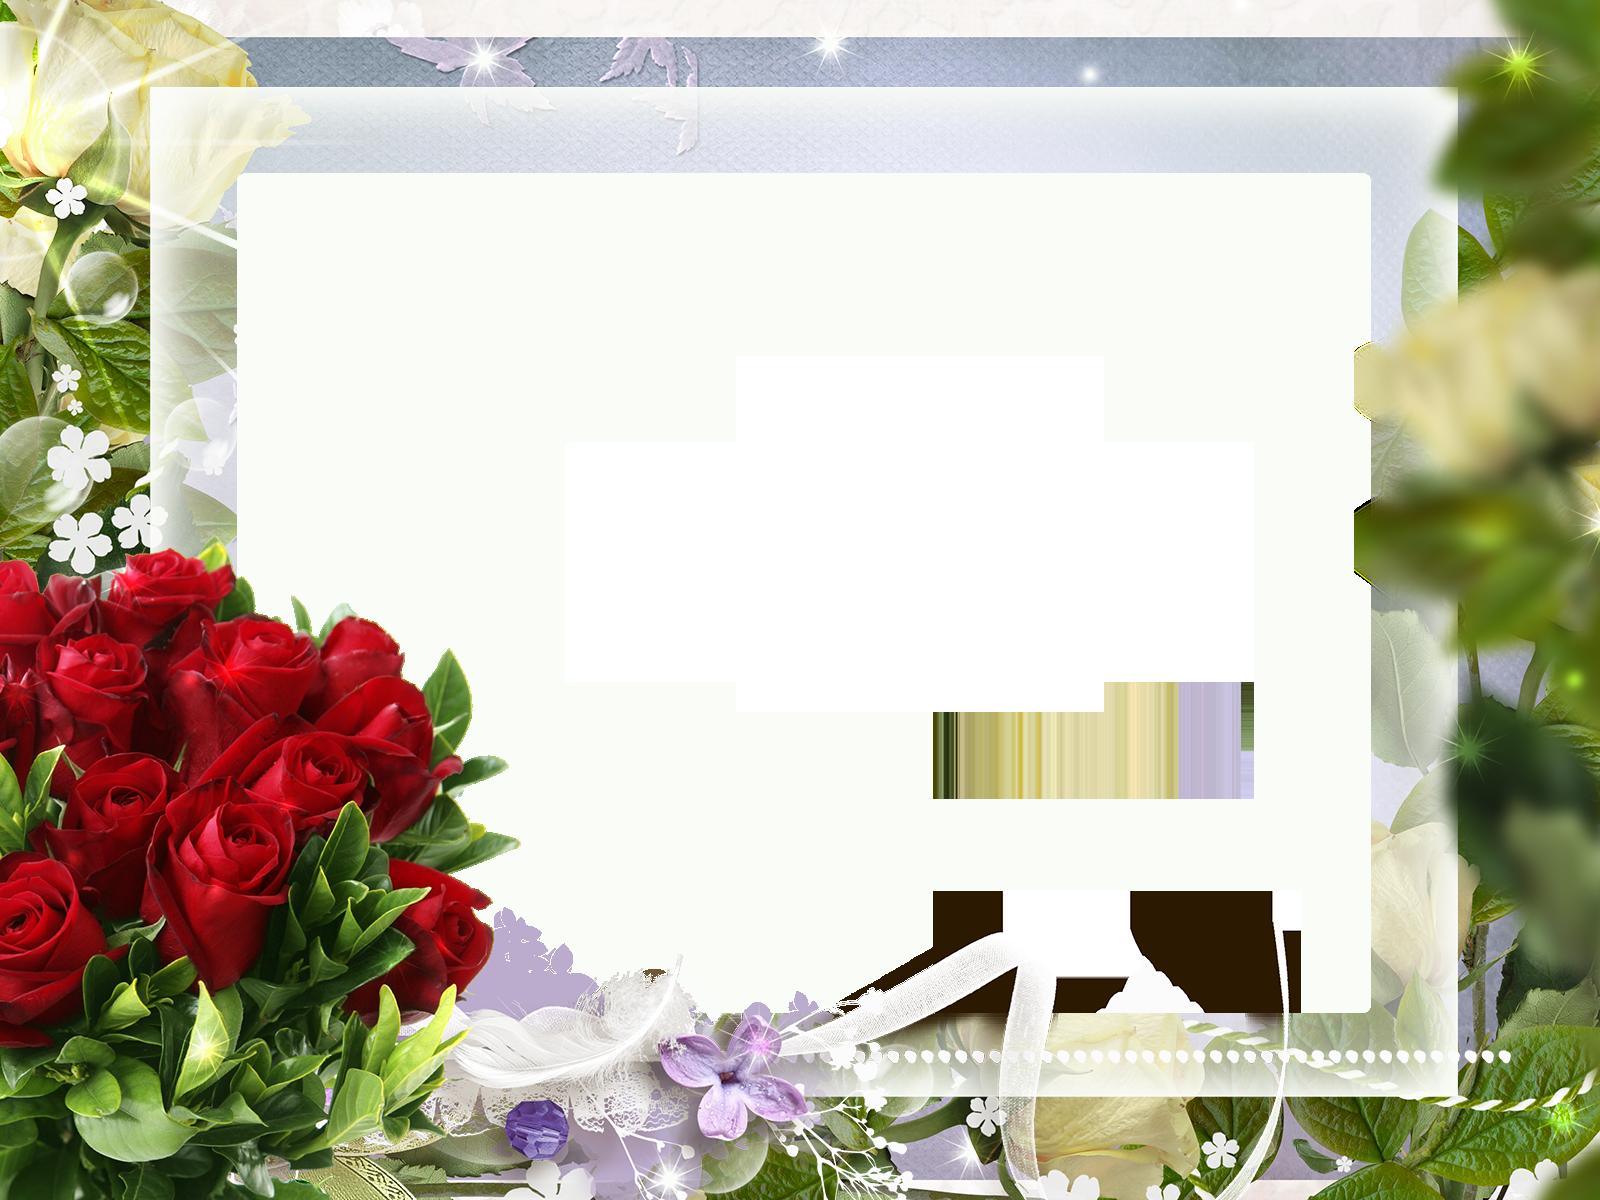 Поздравления февраля, фон рамка для поздравления